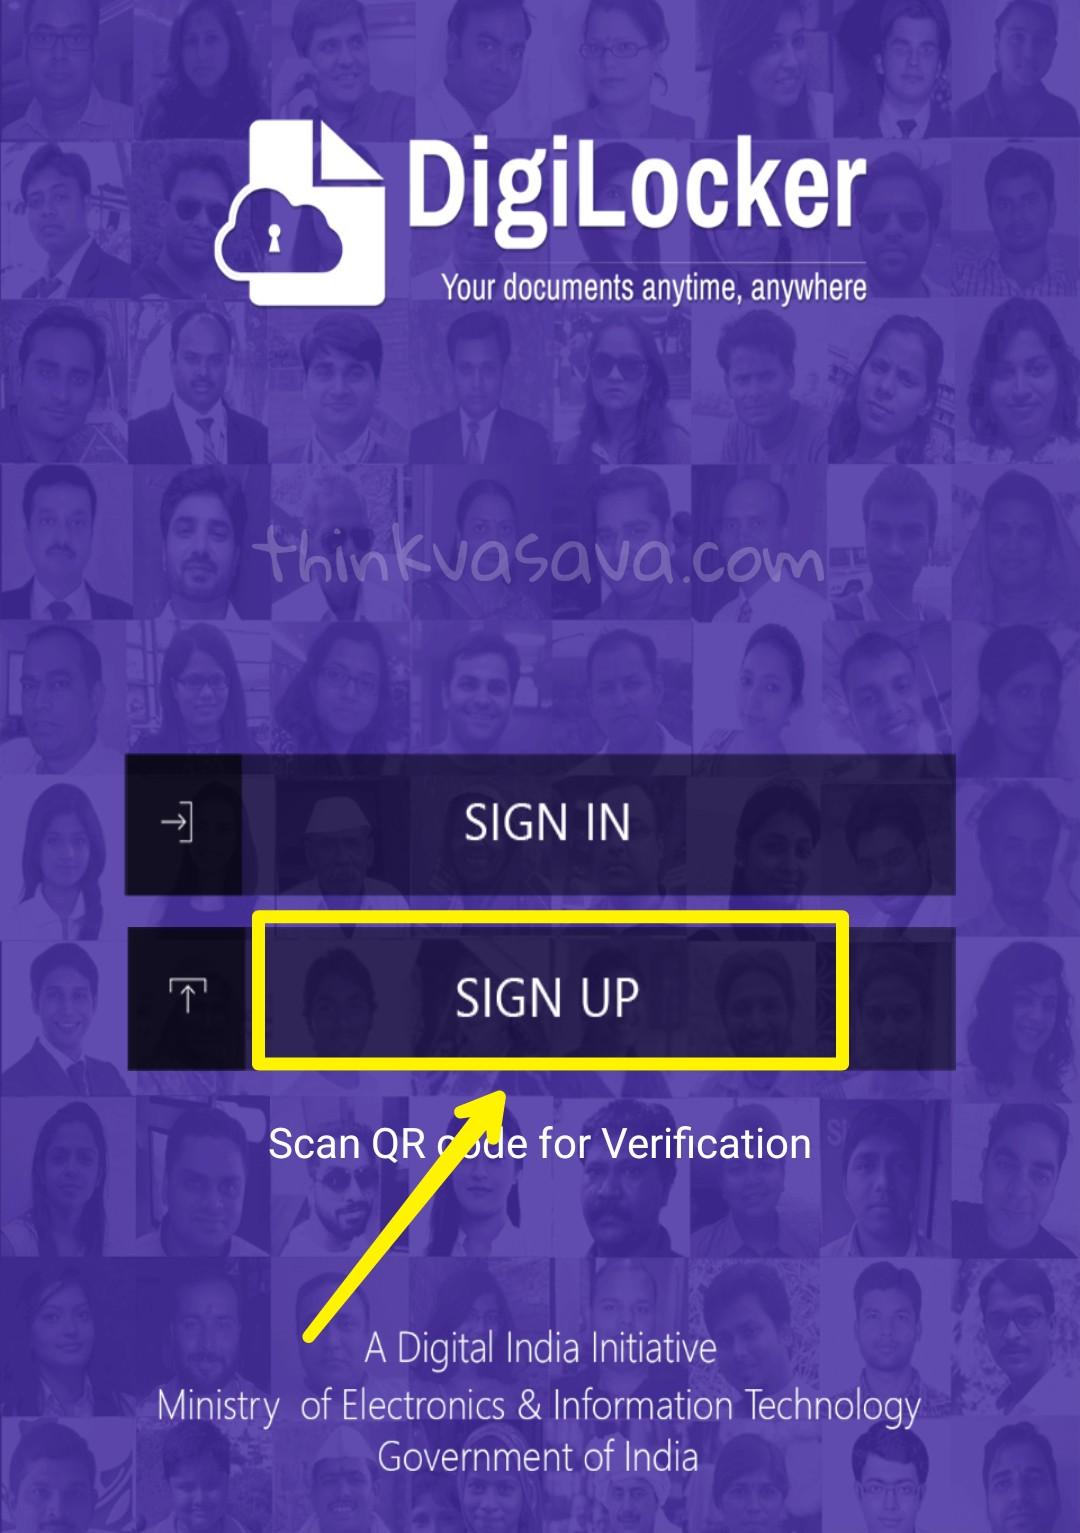 Digilocker sign up